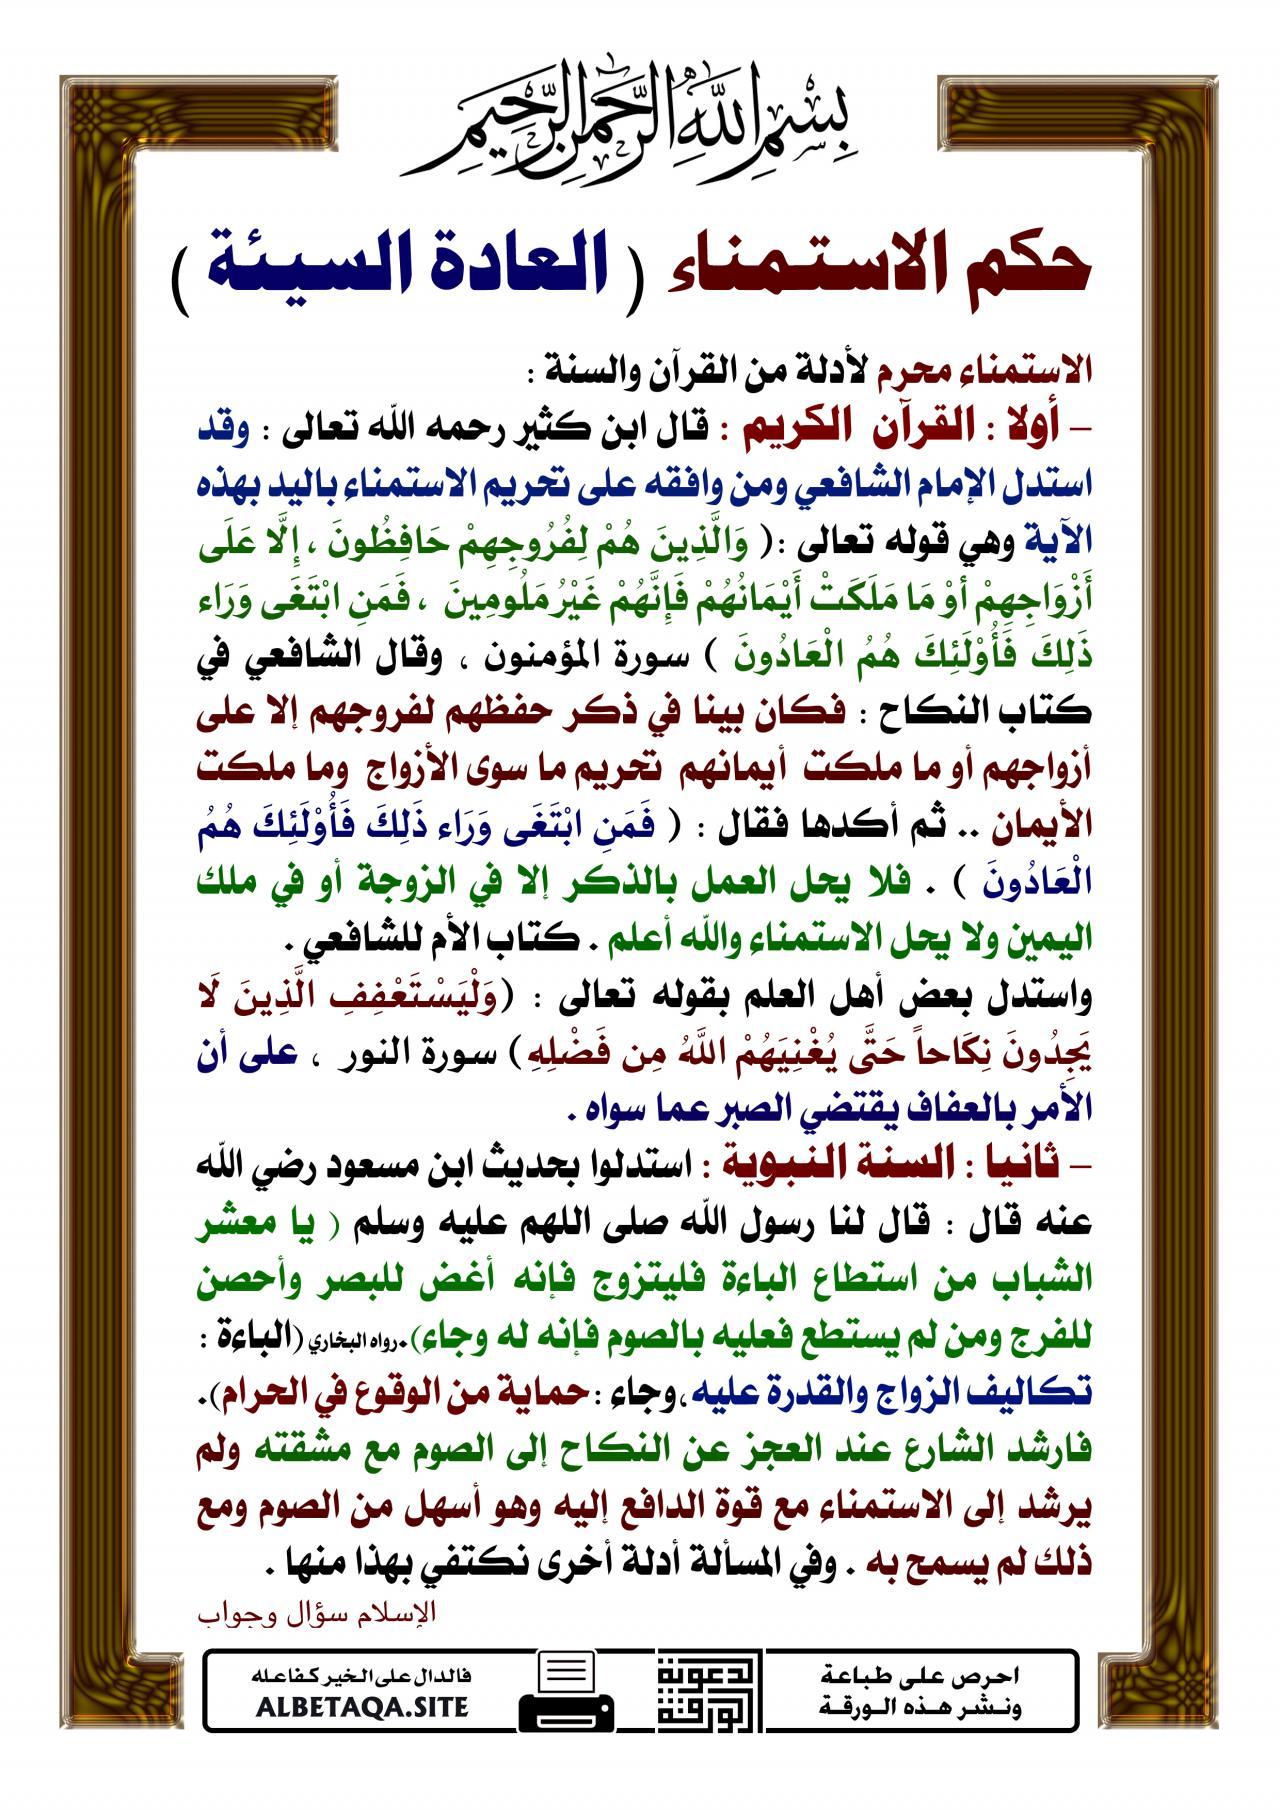 الانحراف كلمات الاغنية تبخر العاده السریه عند الرجال تفطر في رمضان Comertinsaat Com